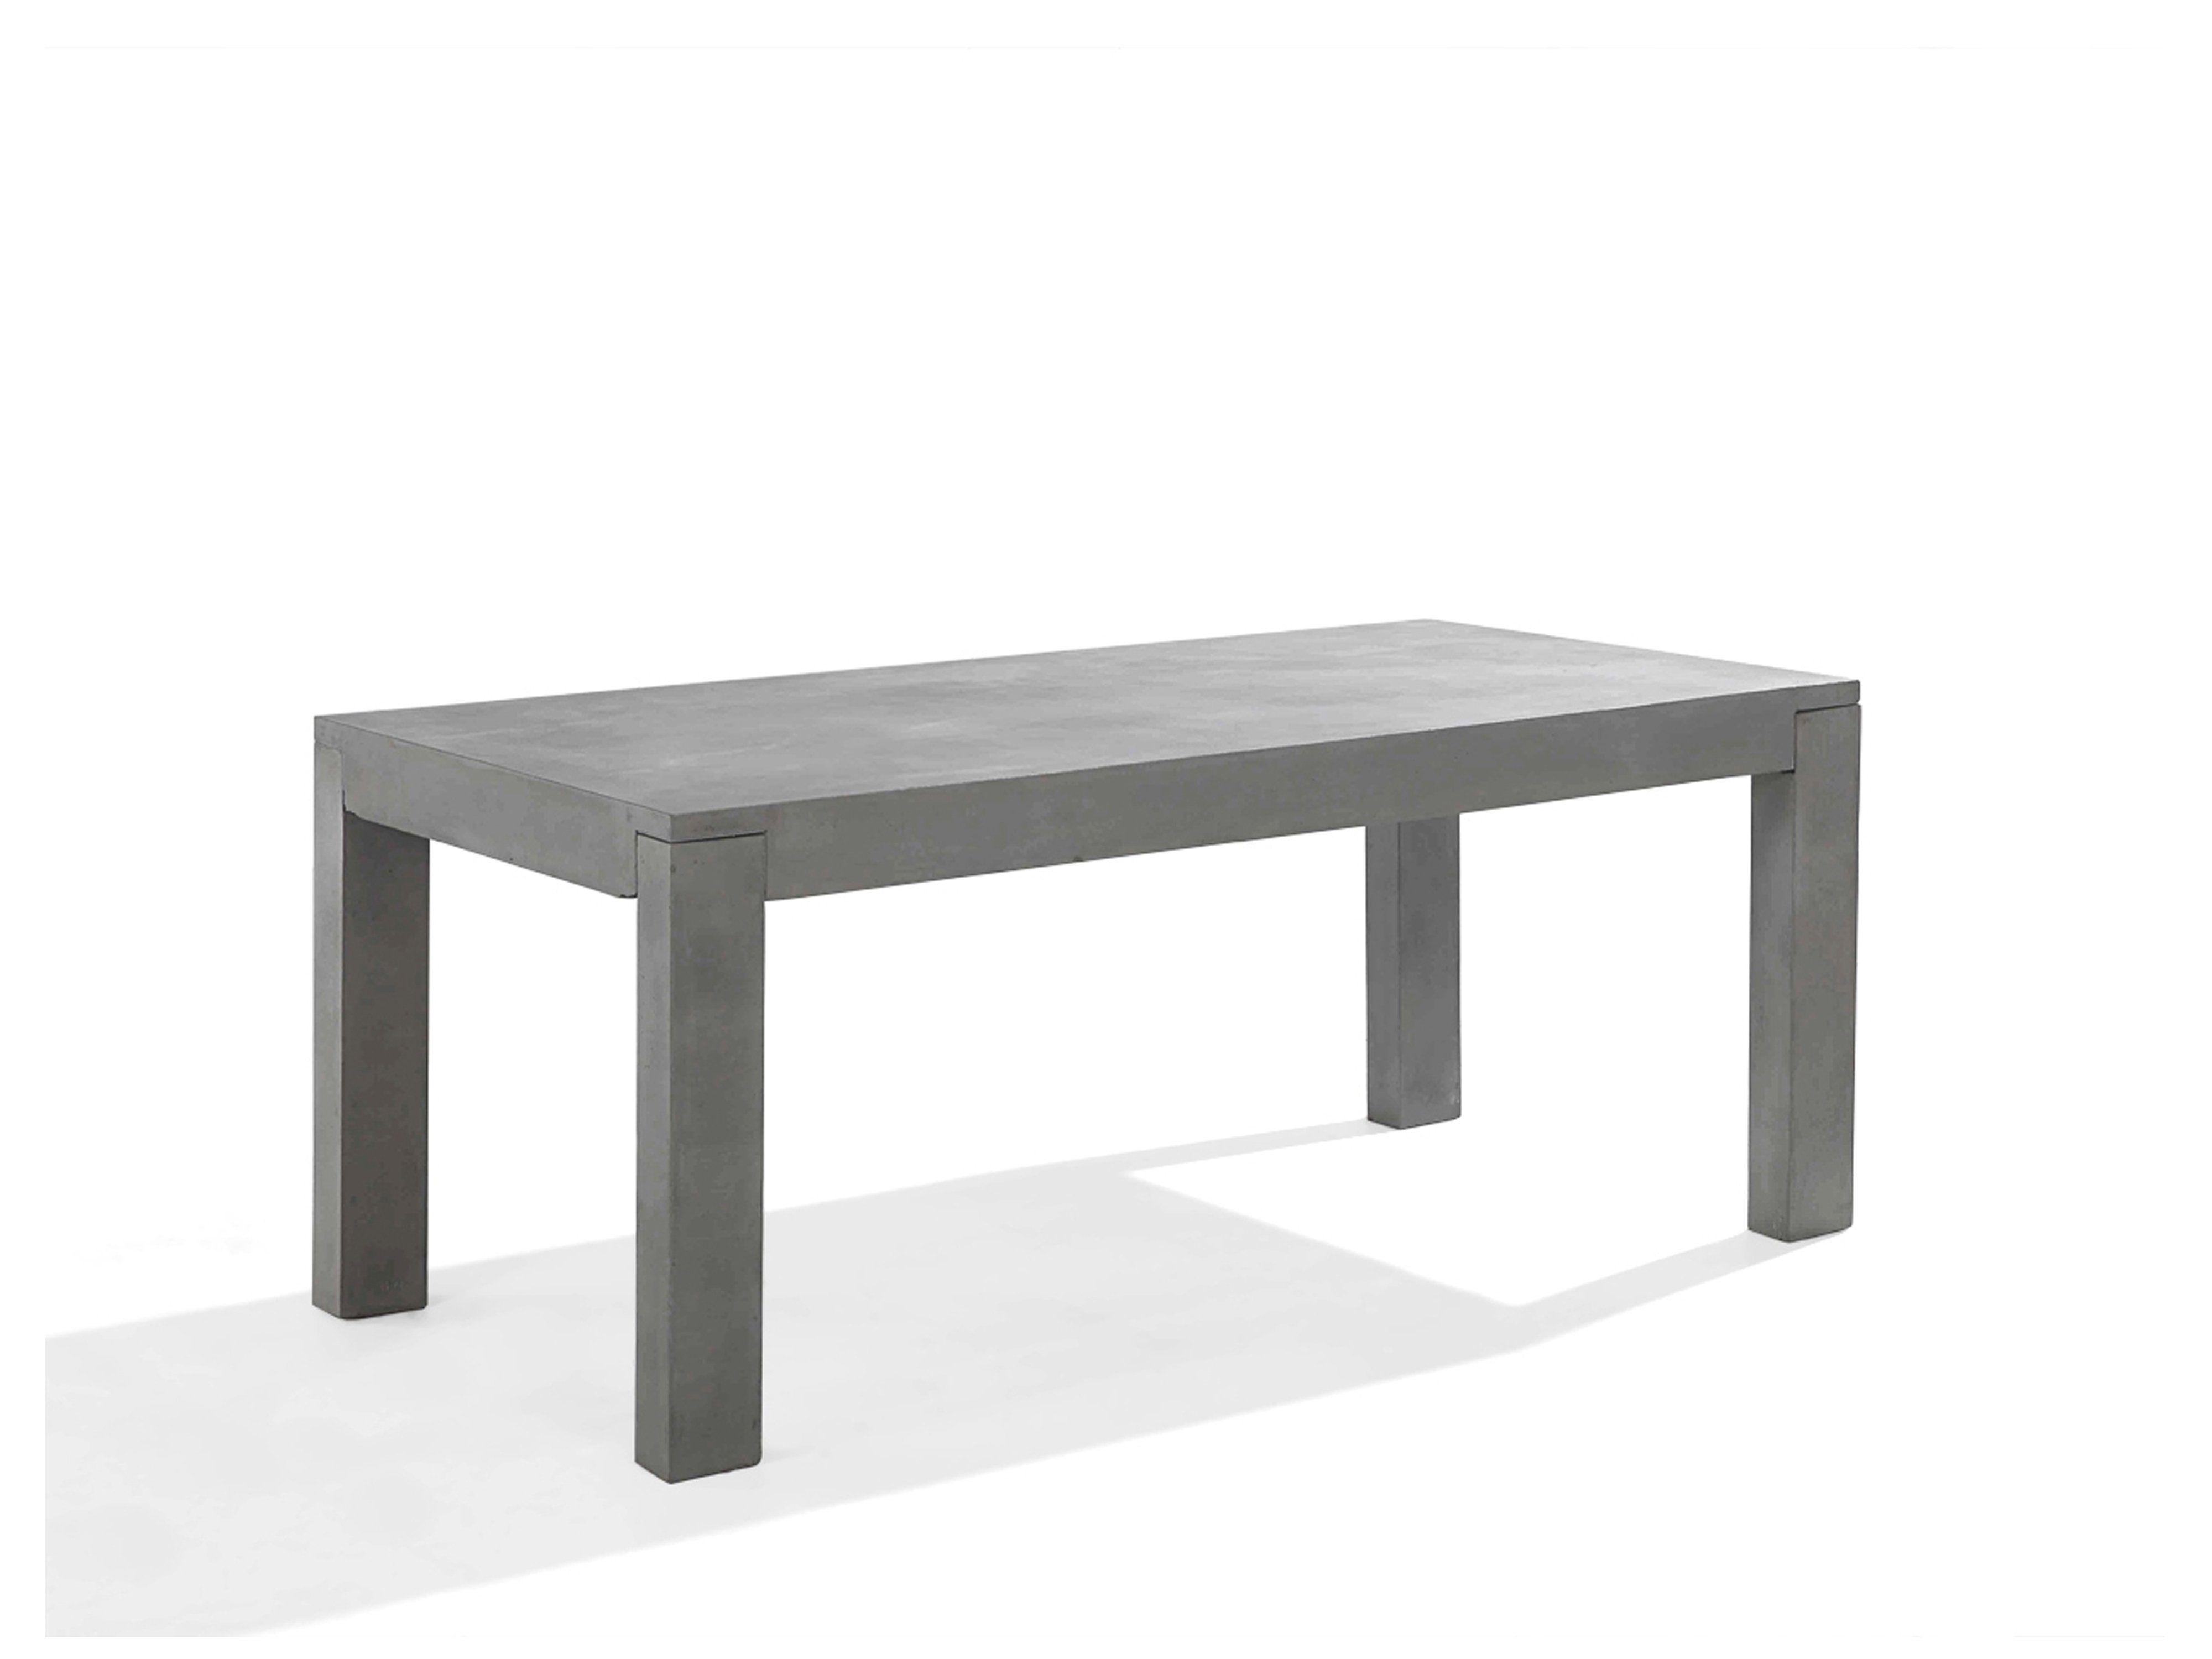 Tavoli Da Giardino In Cemento.Set Da Giardino Di Un Tavolo In Cemento 2 Panchine E 2 Sedie